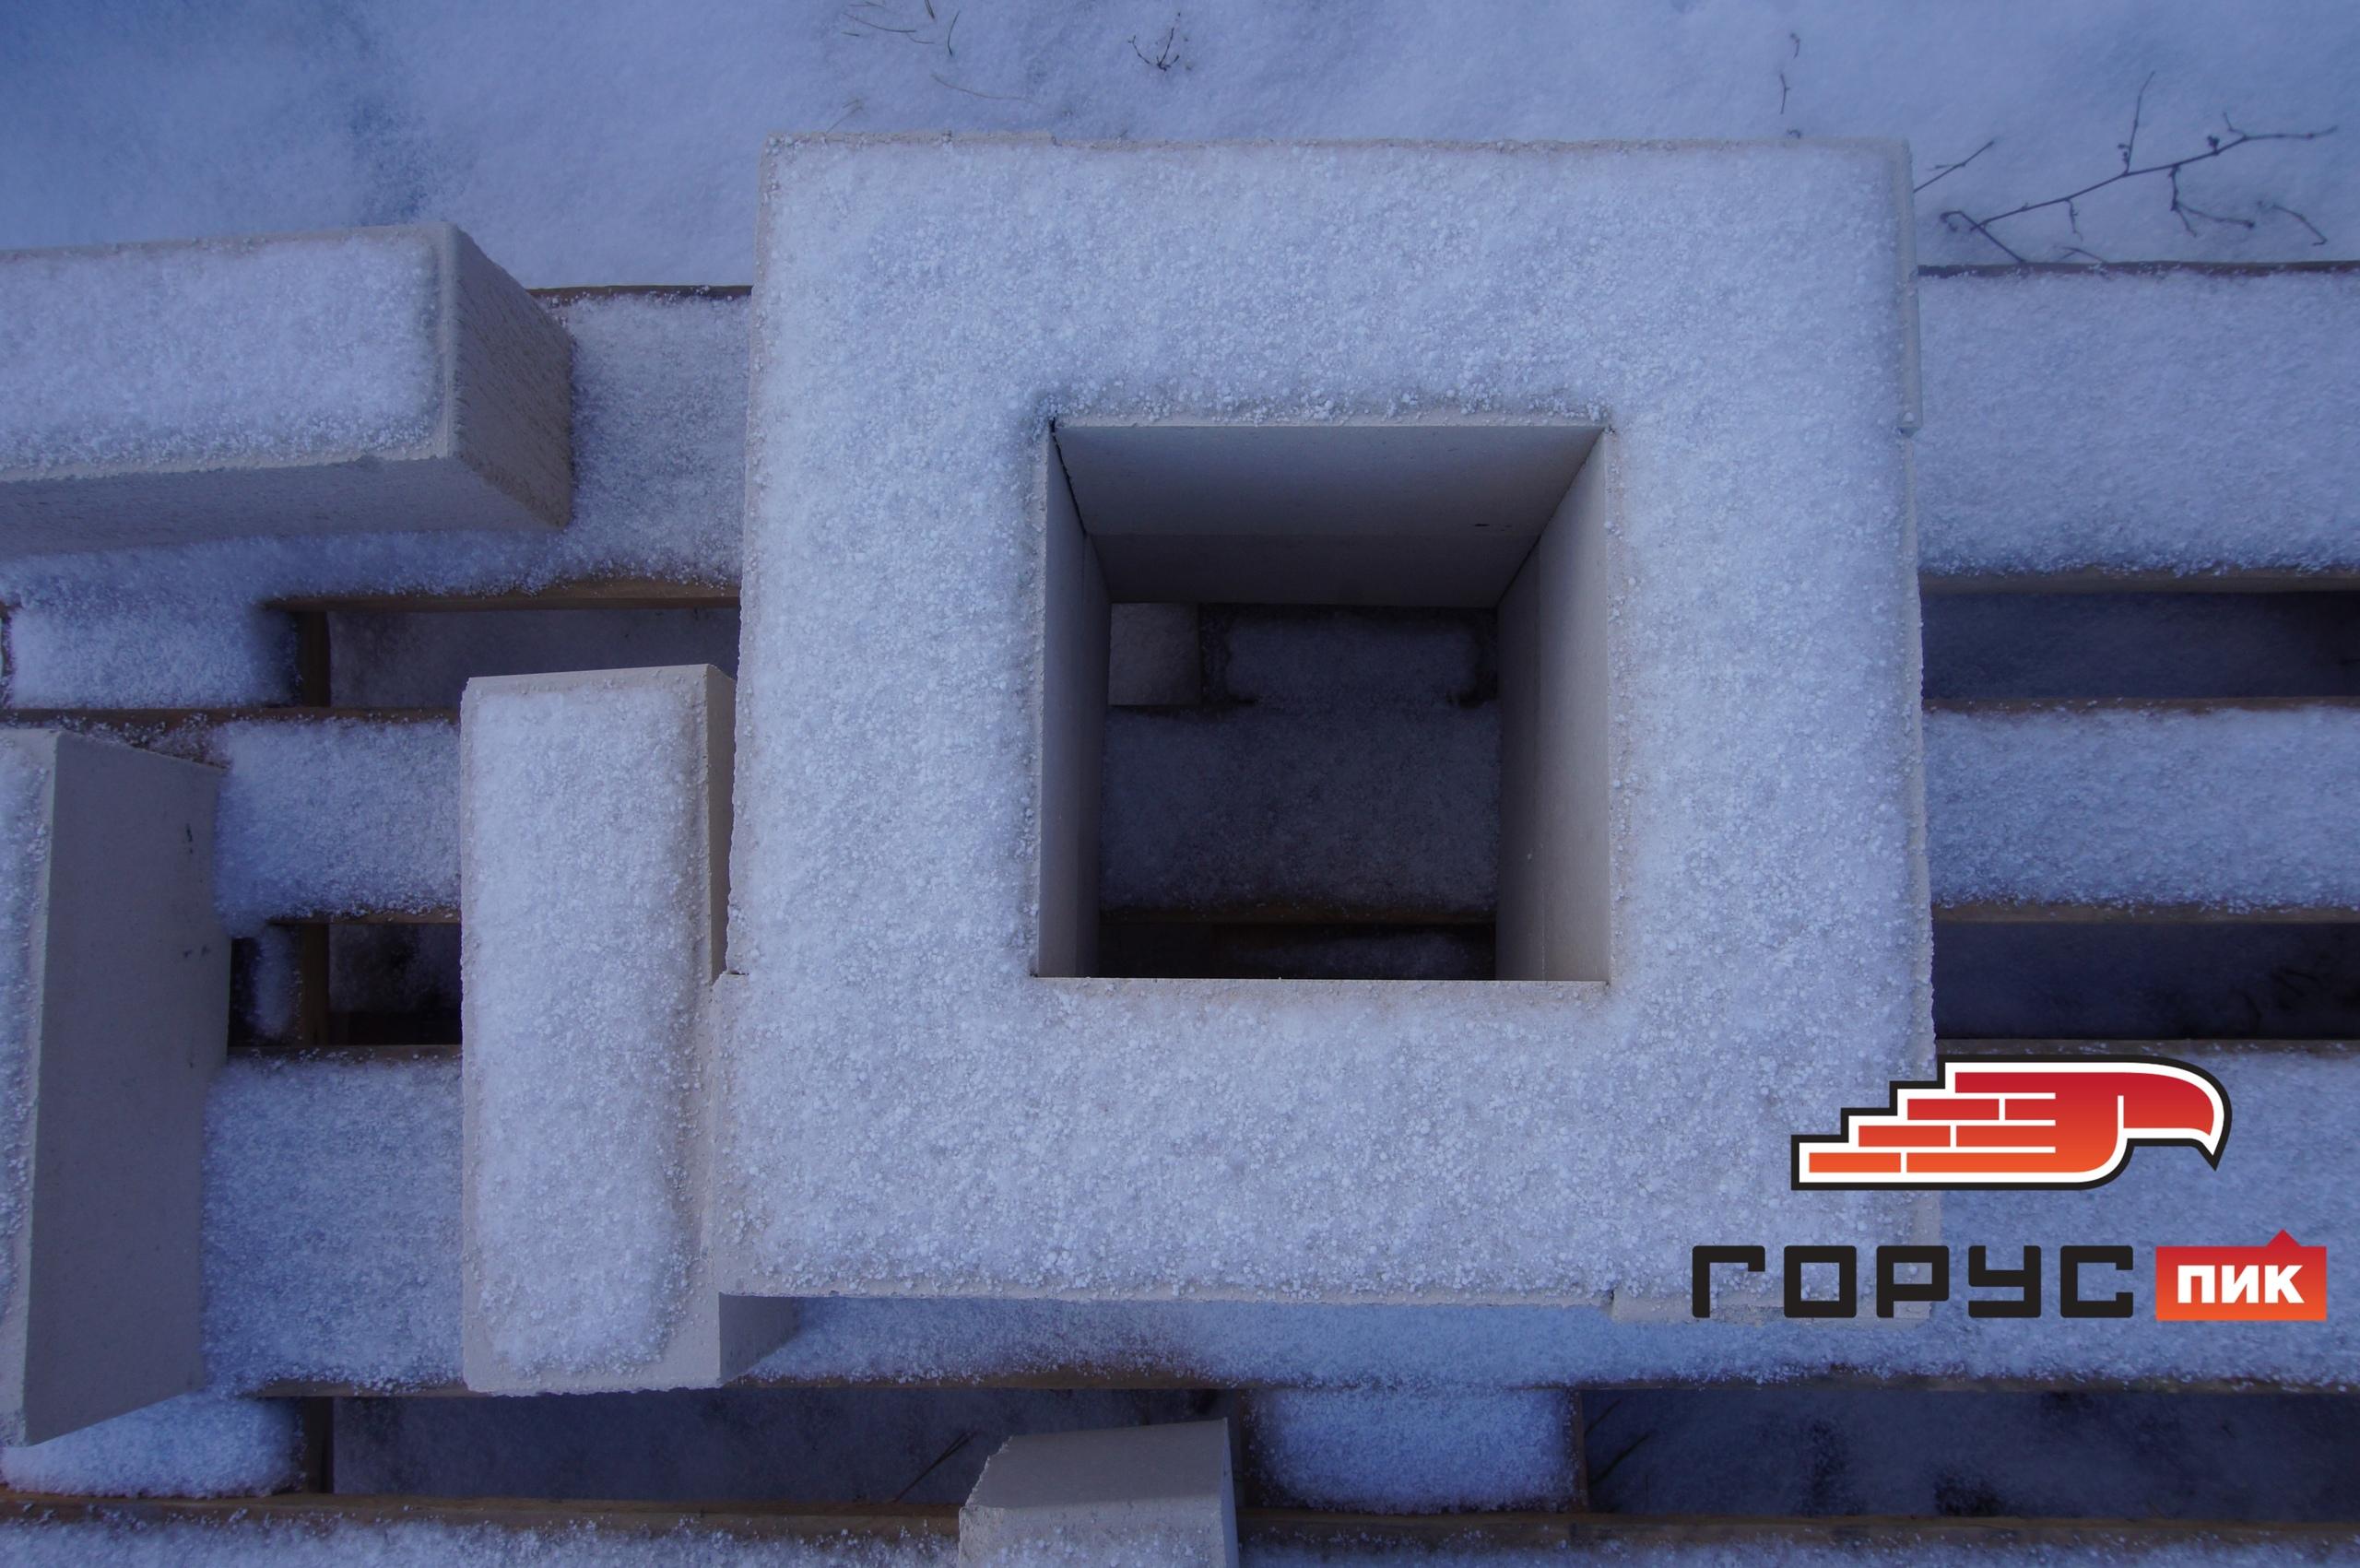 Недавно мы публиковали фотографии фрагмента кладки из белого кирпича с текстурой